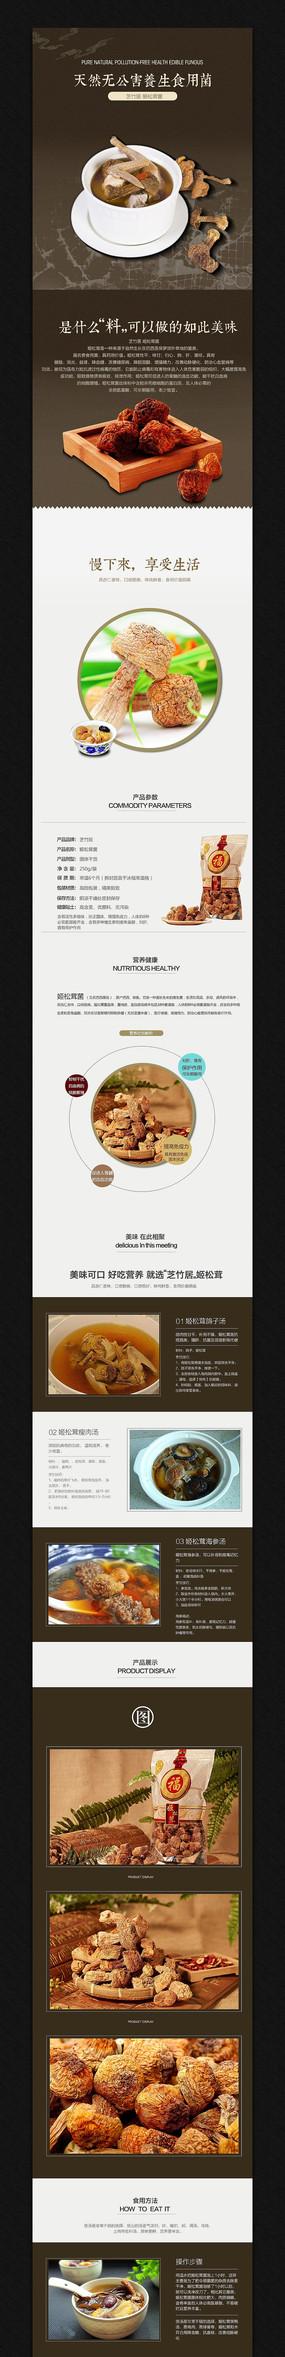 淘宝食品店铺详情页素材模板